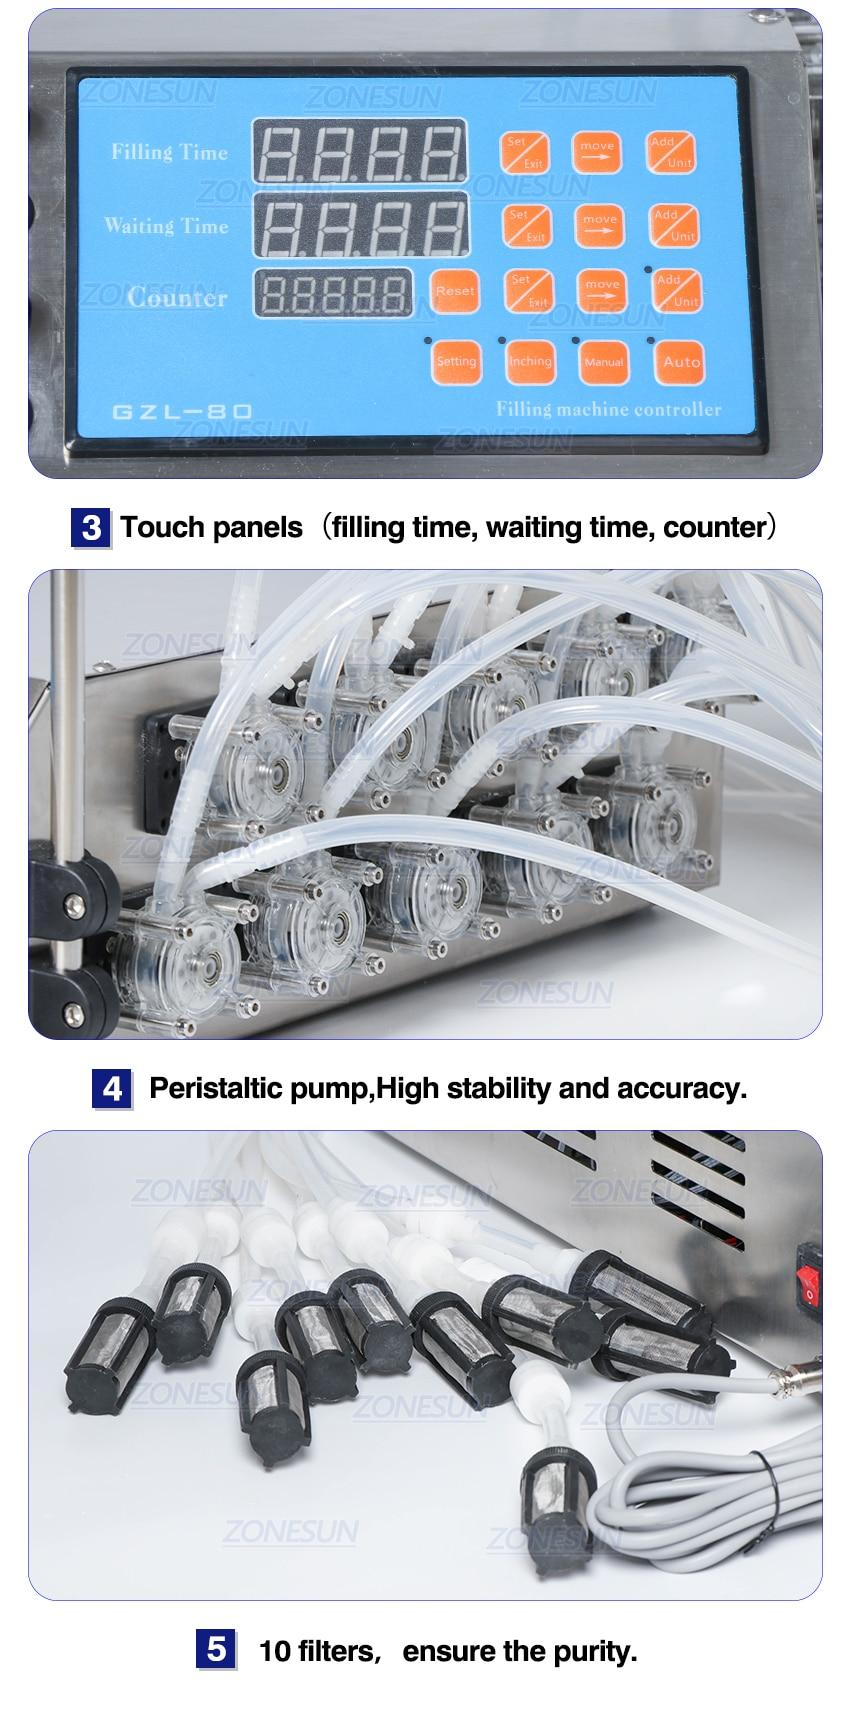 蠕动泵-10头灌装机_05